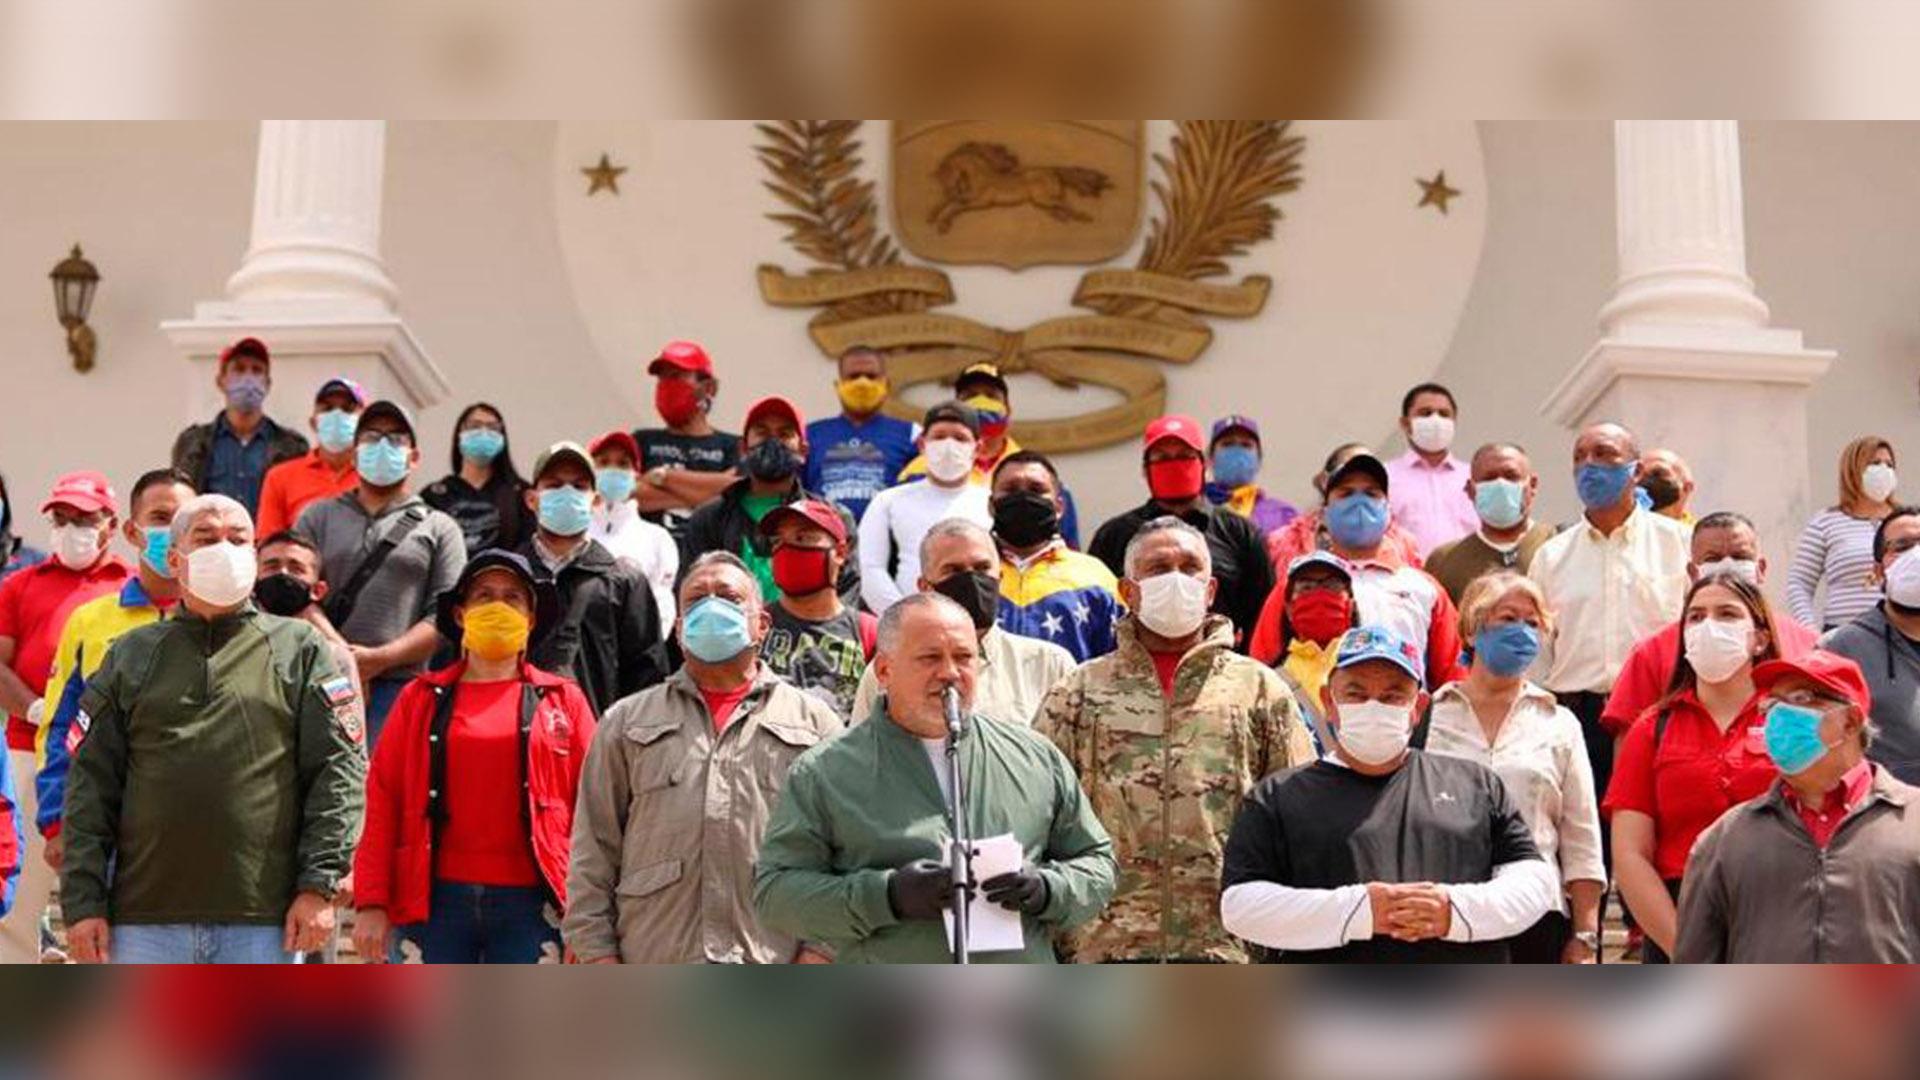 Diosdado Cabello confirma la muerte de 8 personas durante presunta «invasión» a Venezuela